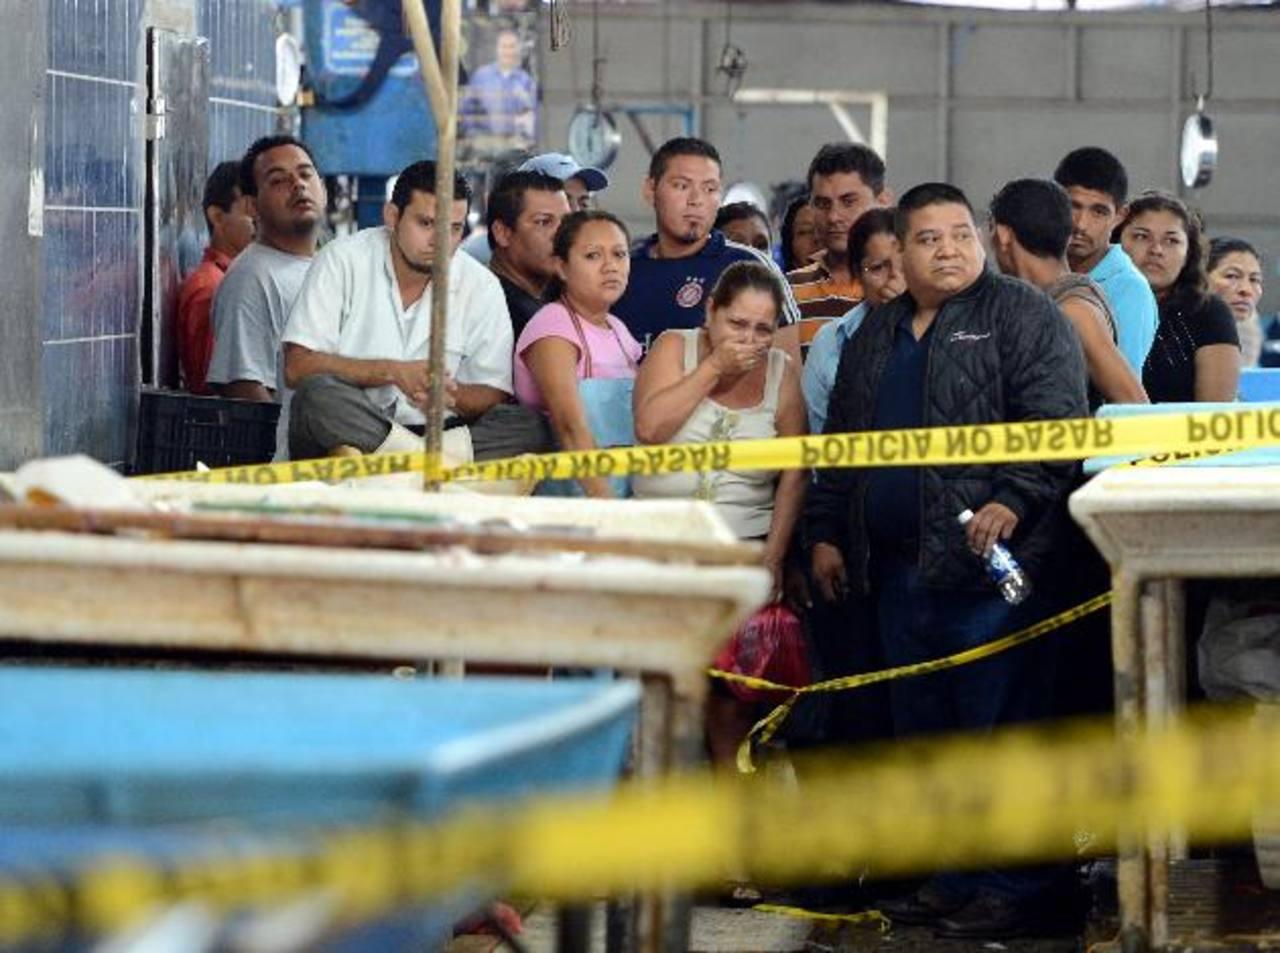 Curiosos observan el sitio donde ayer asesinaron a José Adalberto Espinoza García en el puesto en el que vendía mariscos en el mercado La Tiendona. Las primeras investigaciones apuntan a supuestos problemas con otros comerciantes. Foto EDH / Archivo